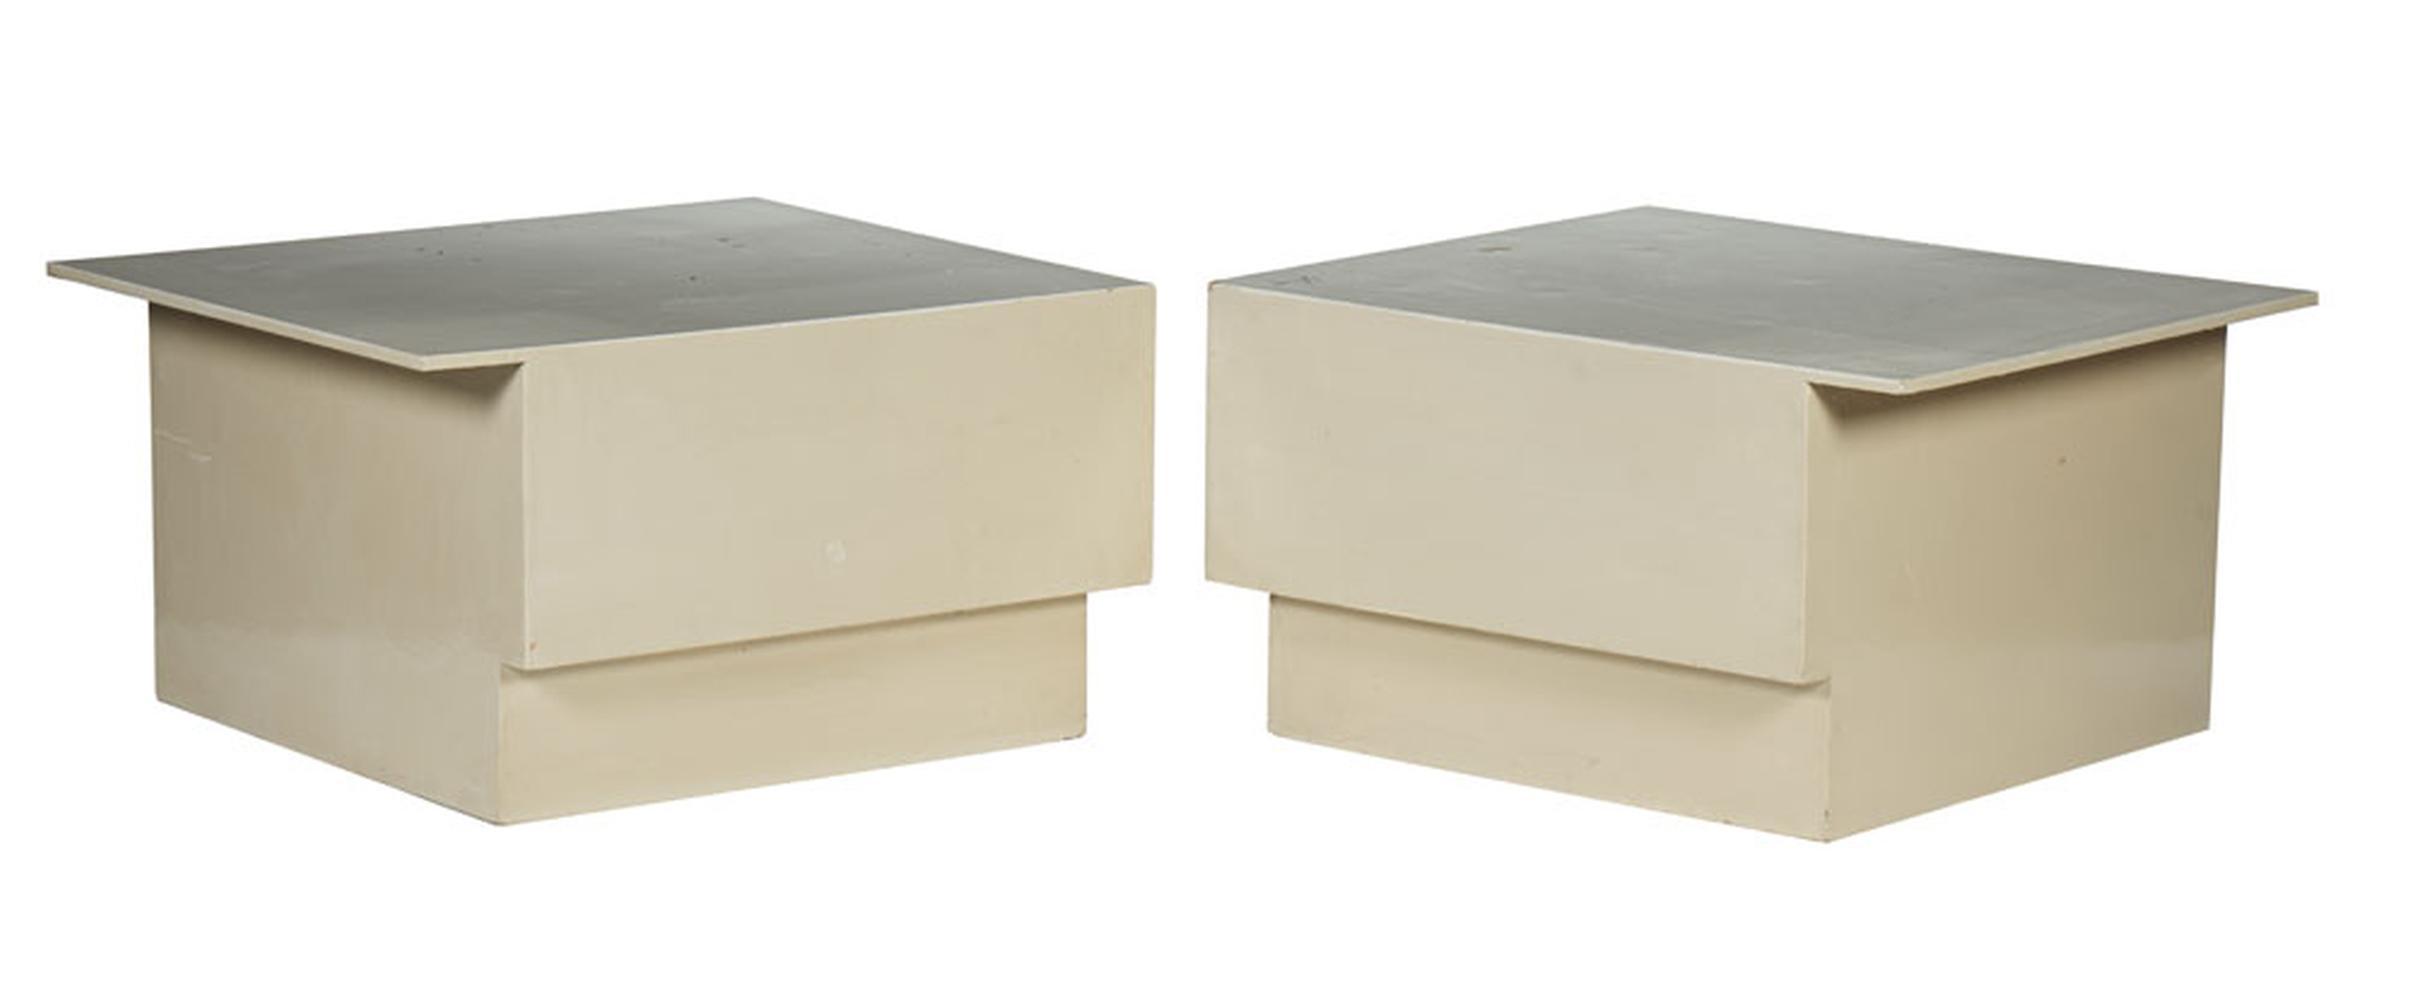 Par de mesas apoio em derivado de madeira pintado